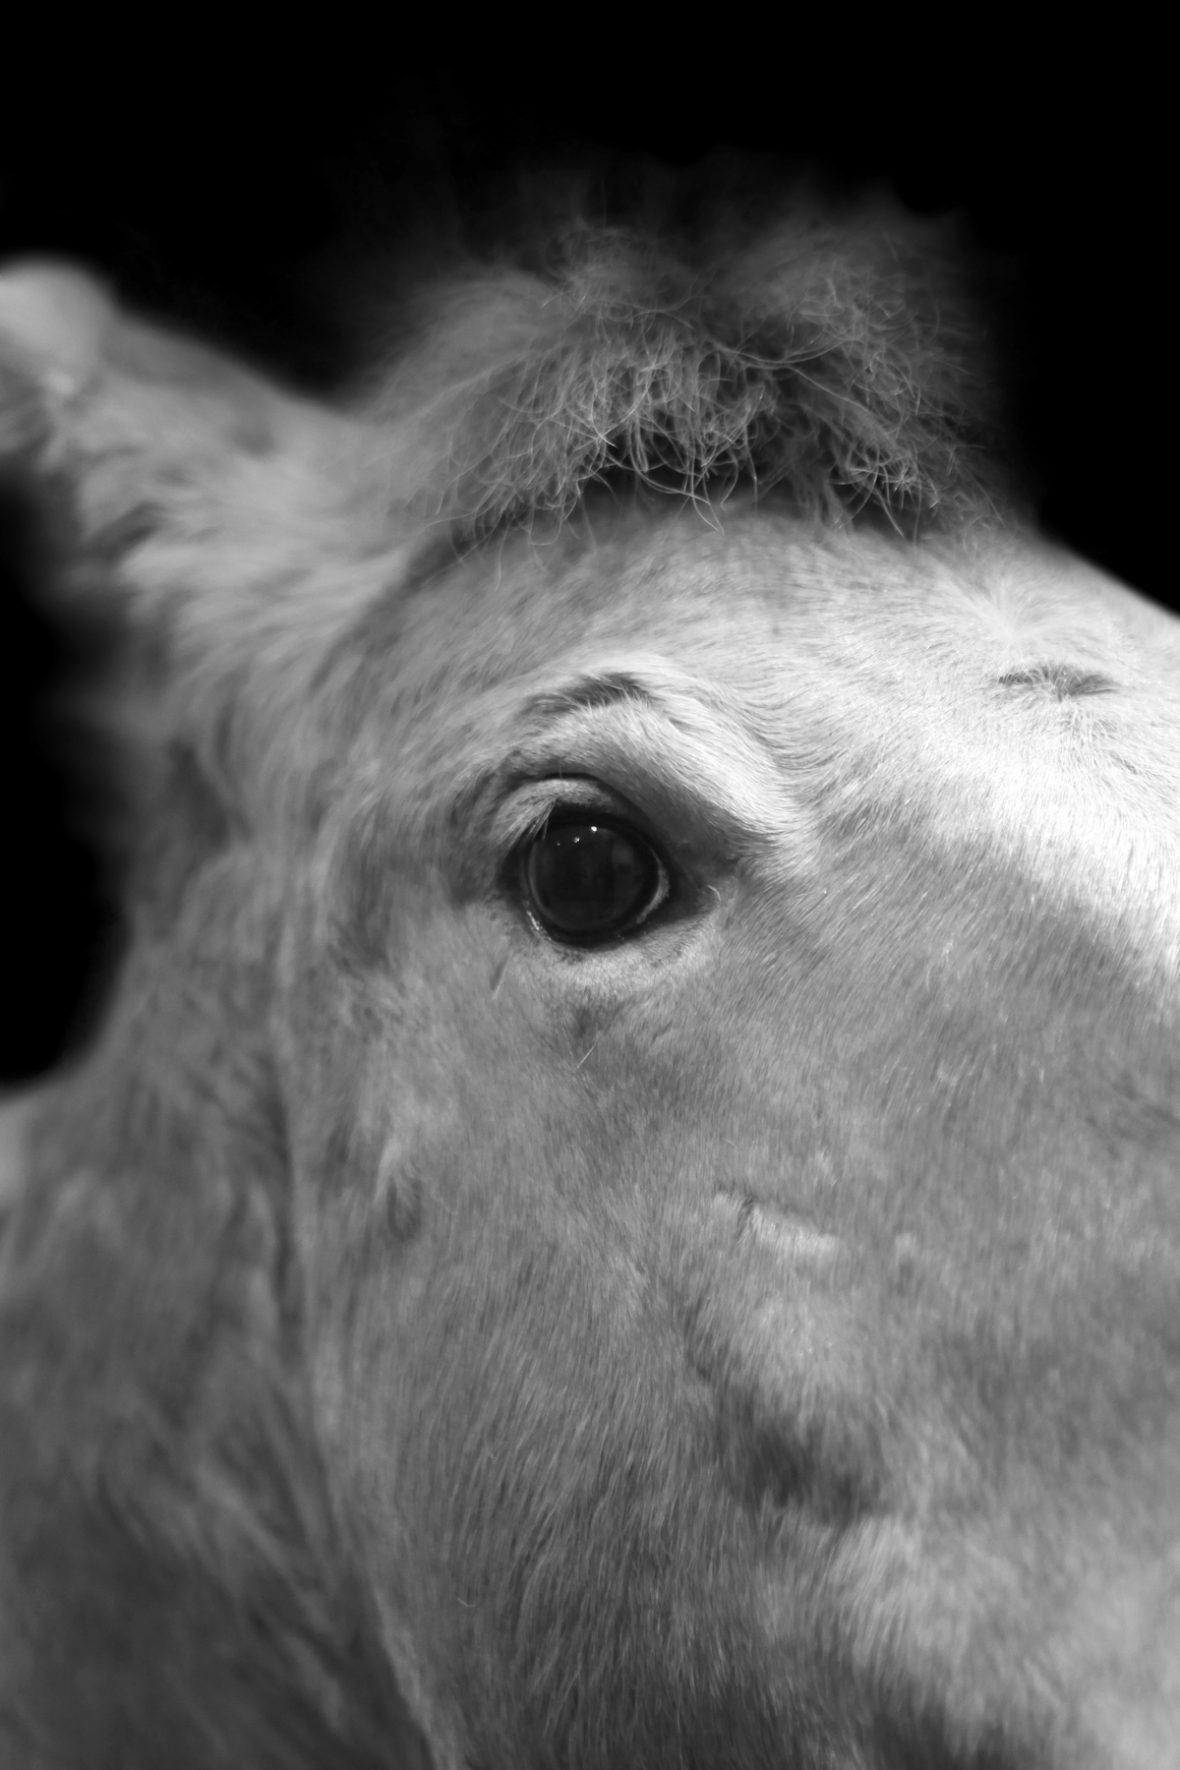 Das letzte freilebende Przewalski-Pferd wurde 1969 gesehen. Es blieb bisher nur deshalb erhalten, weil einige Großgrundbesitzer und Zoos die letzte Wildpferdart in Gefangenschaft weiter züchteten. Heute gibt es wieder ca. 2000 Individuen.